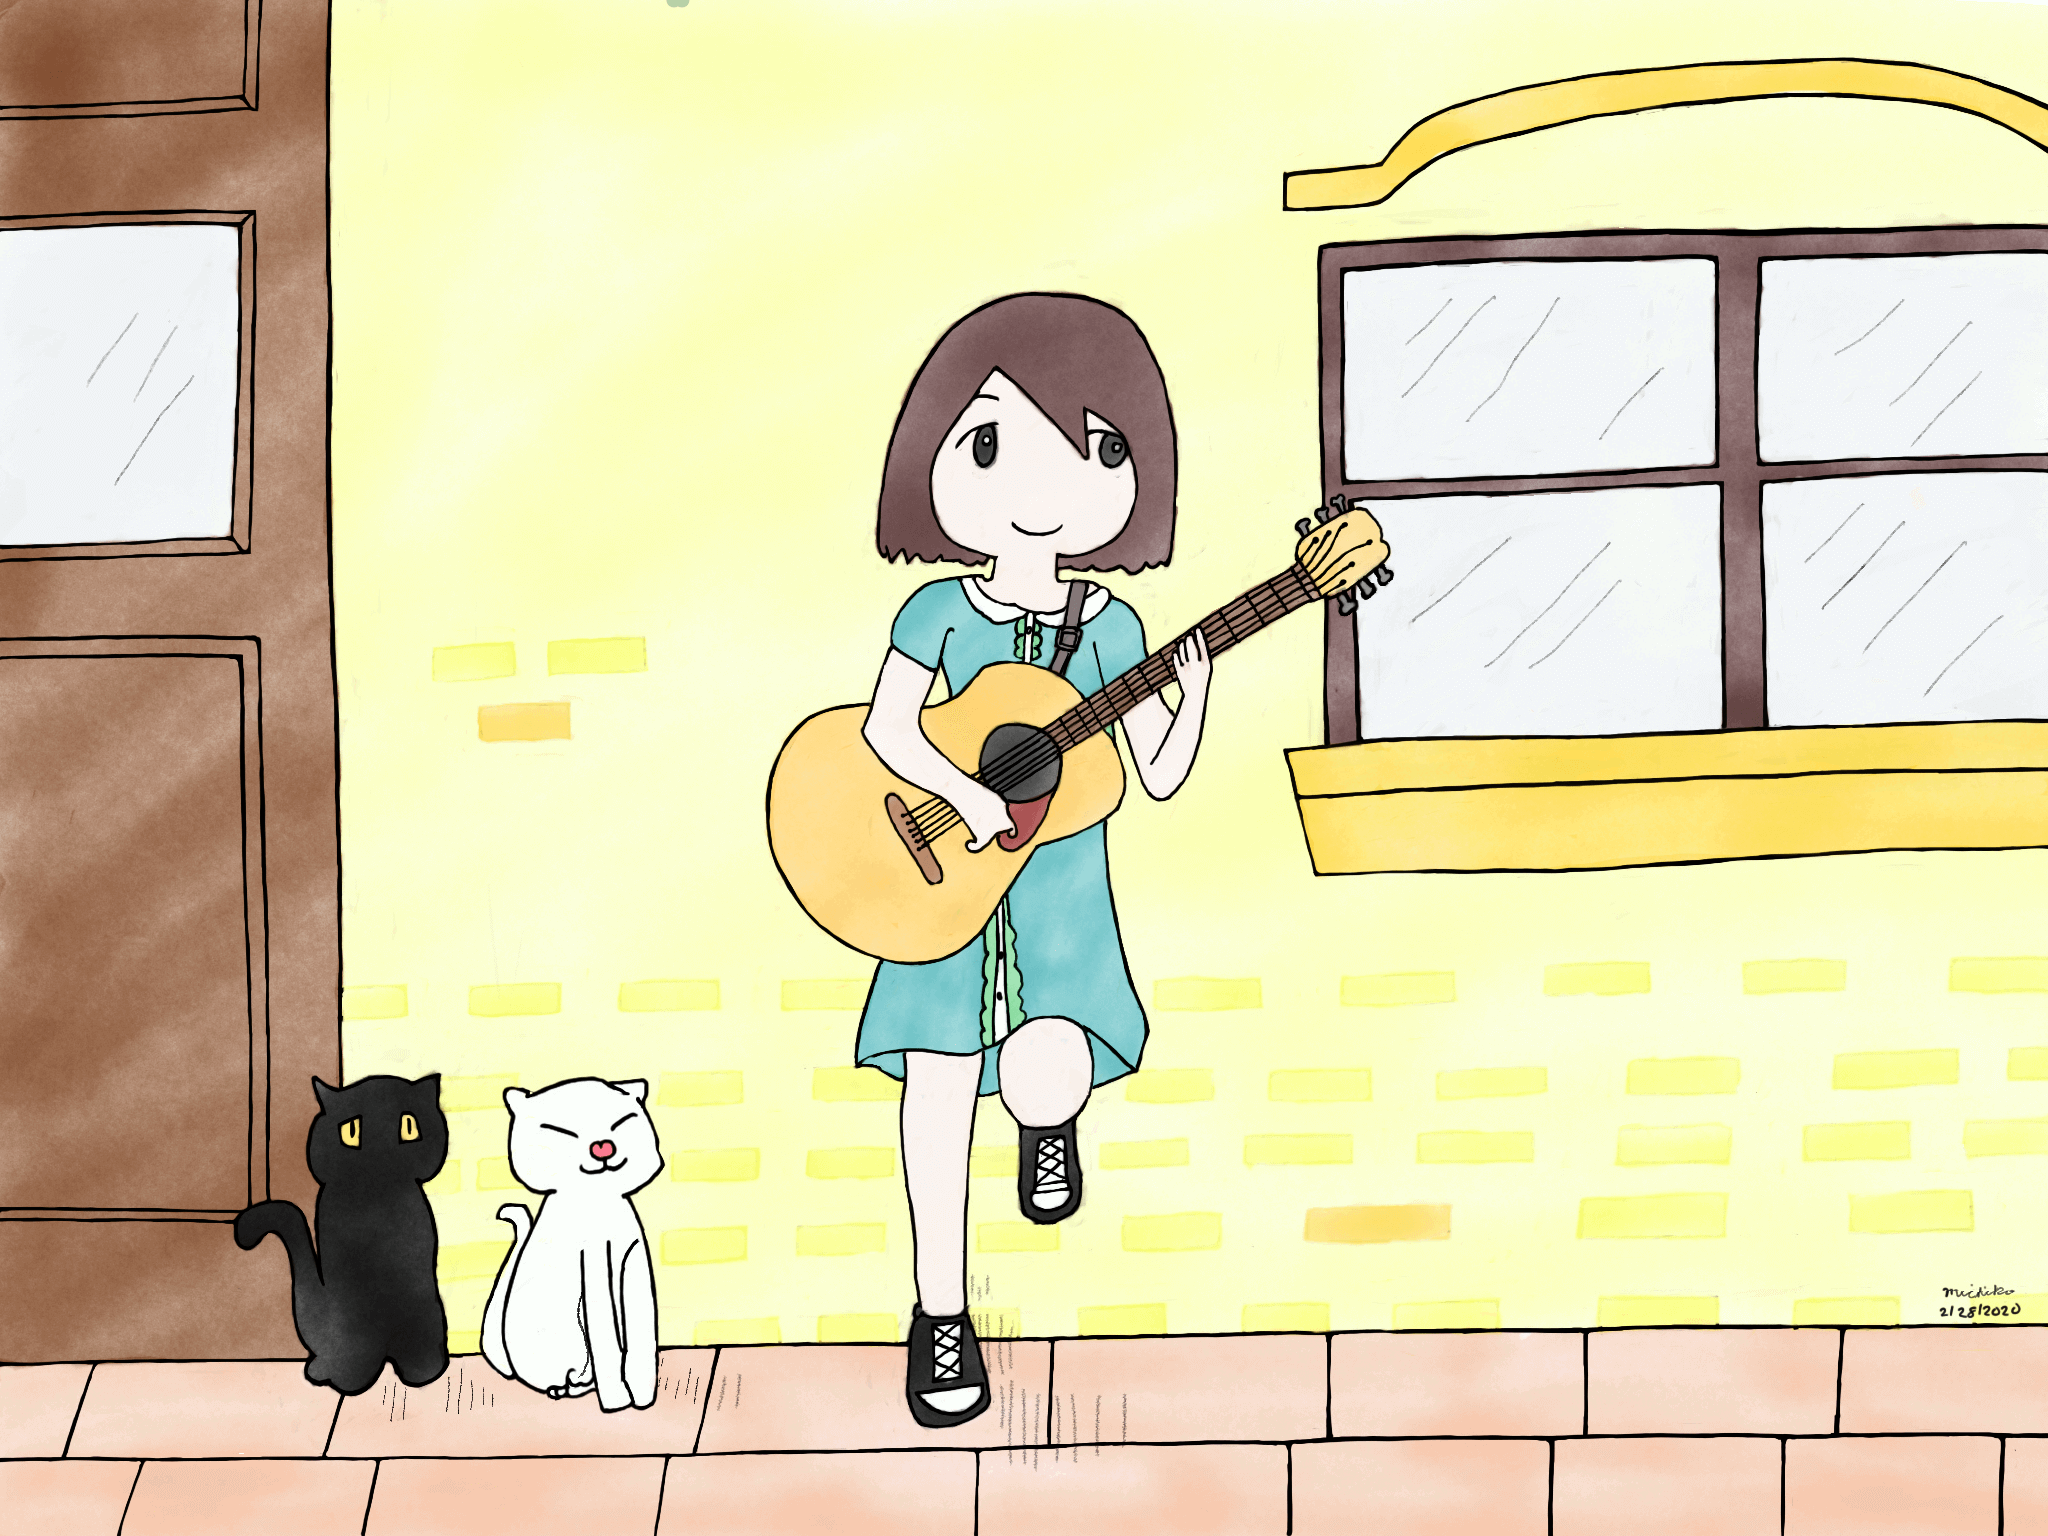 Be a guitarist